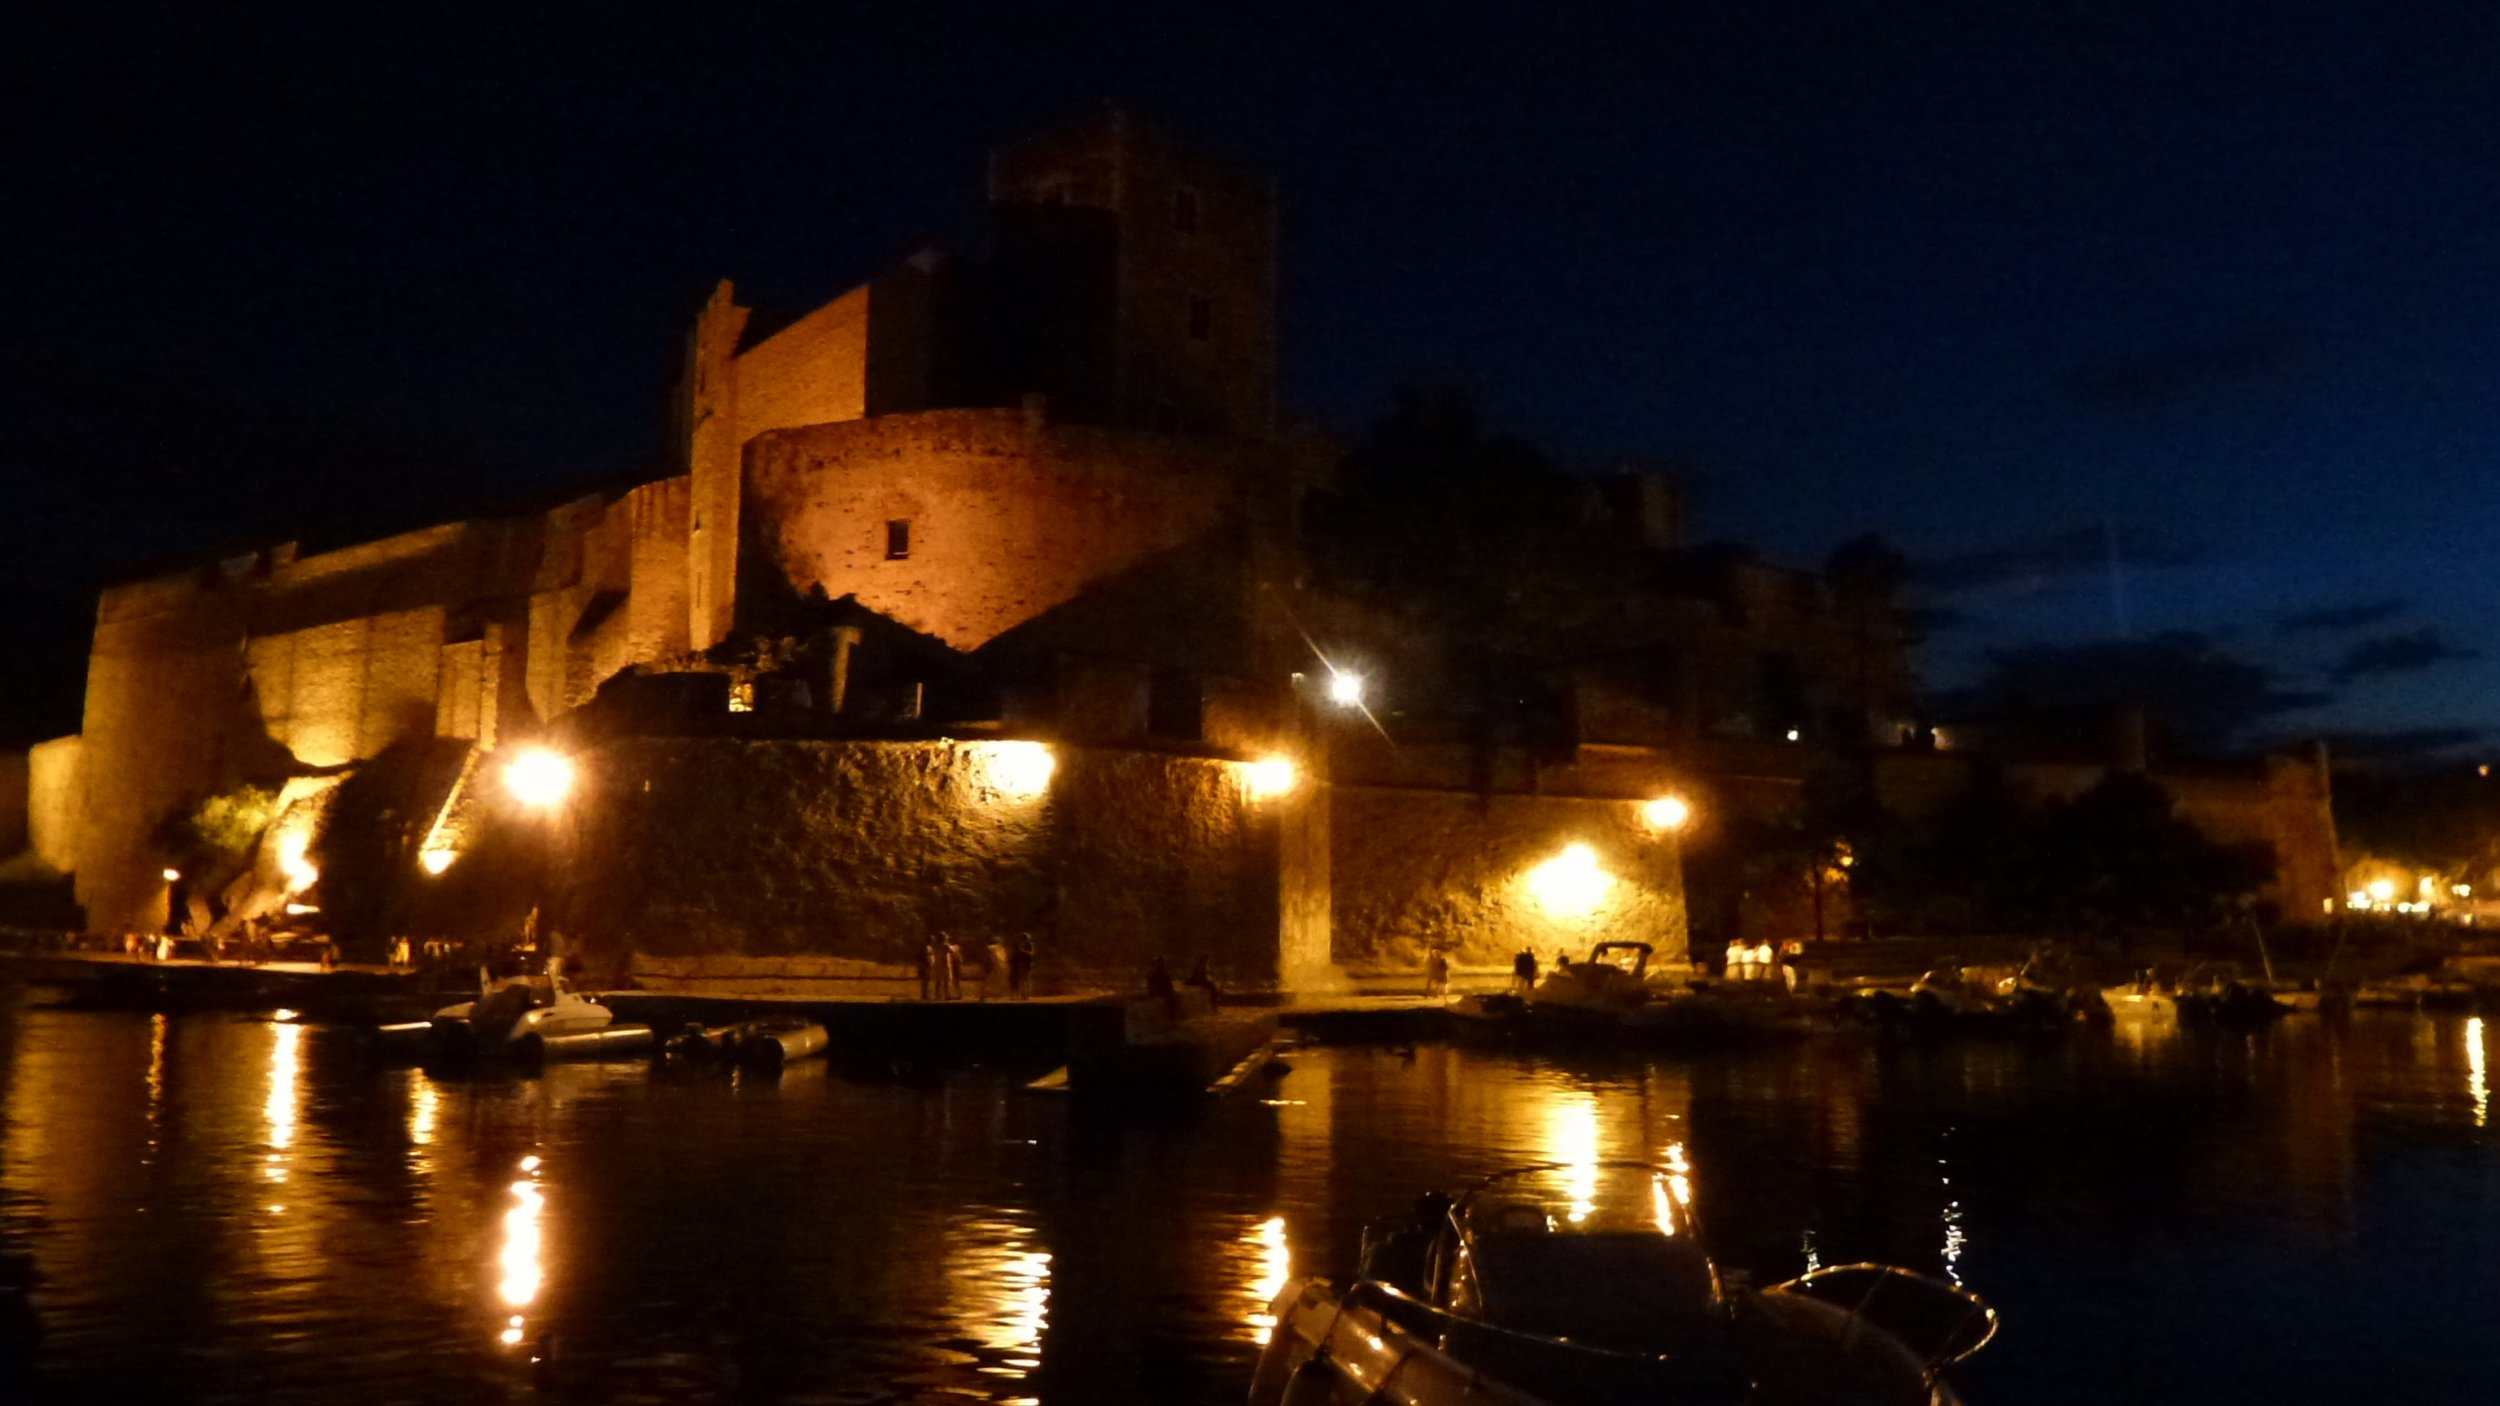 Nuit sur le ch teau royal de collioure catherine burg - Chateau royal collioure ...